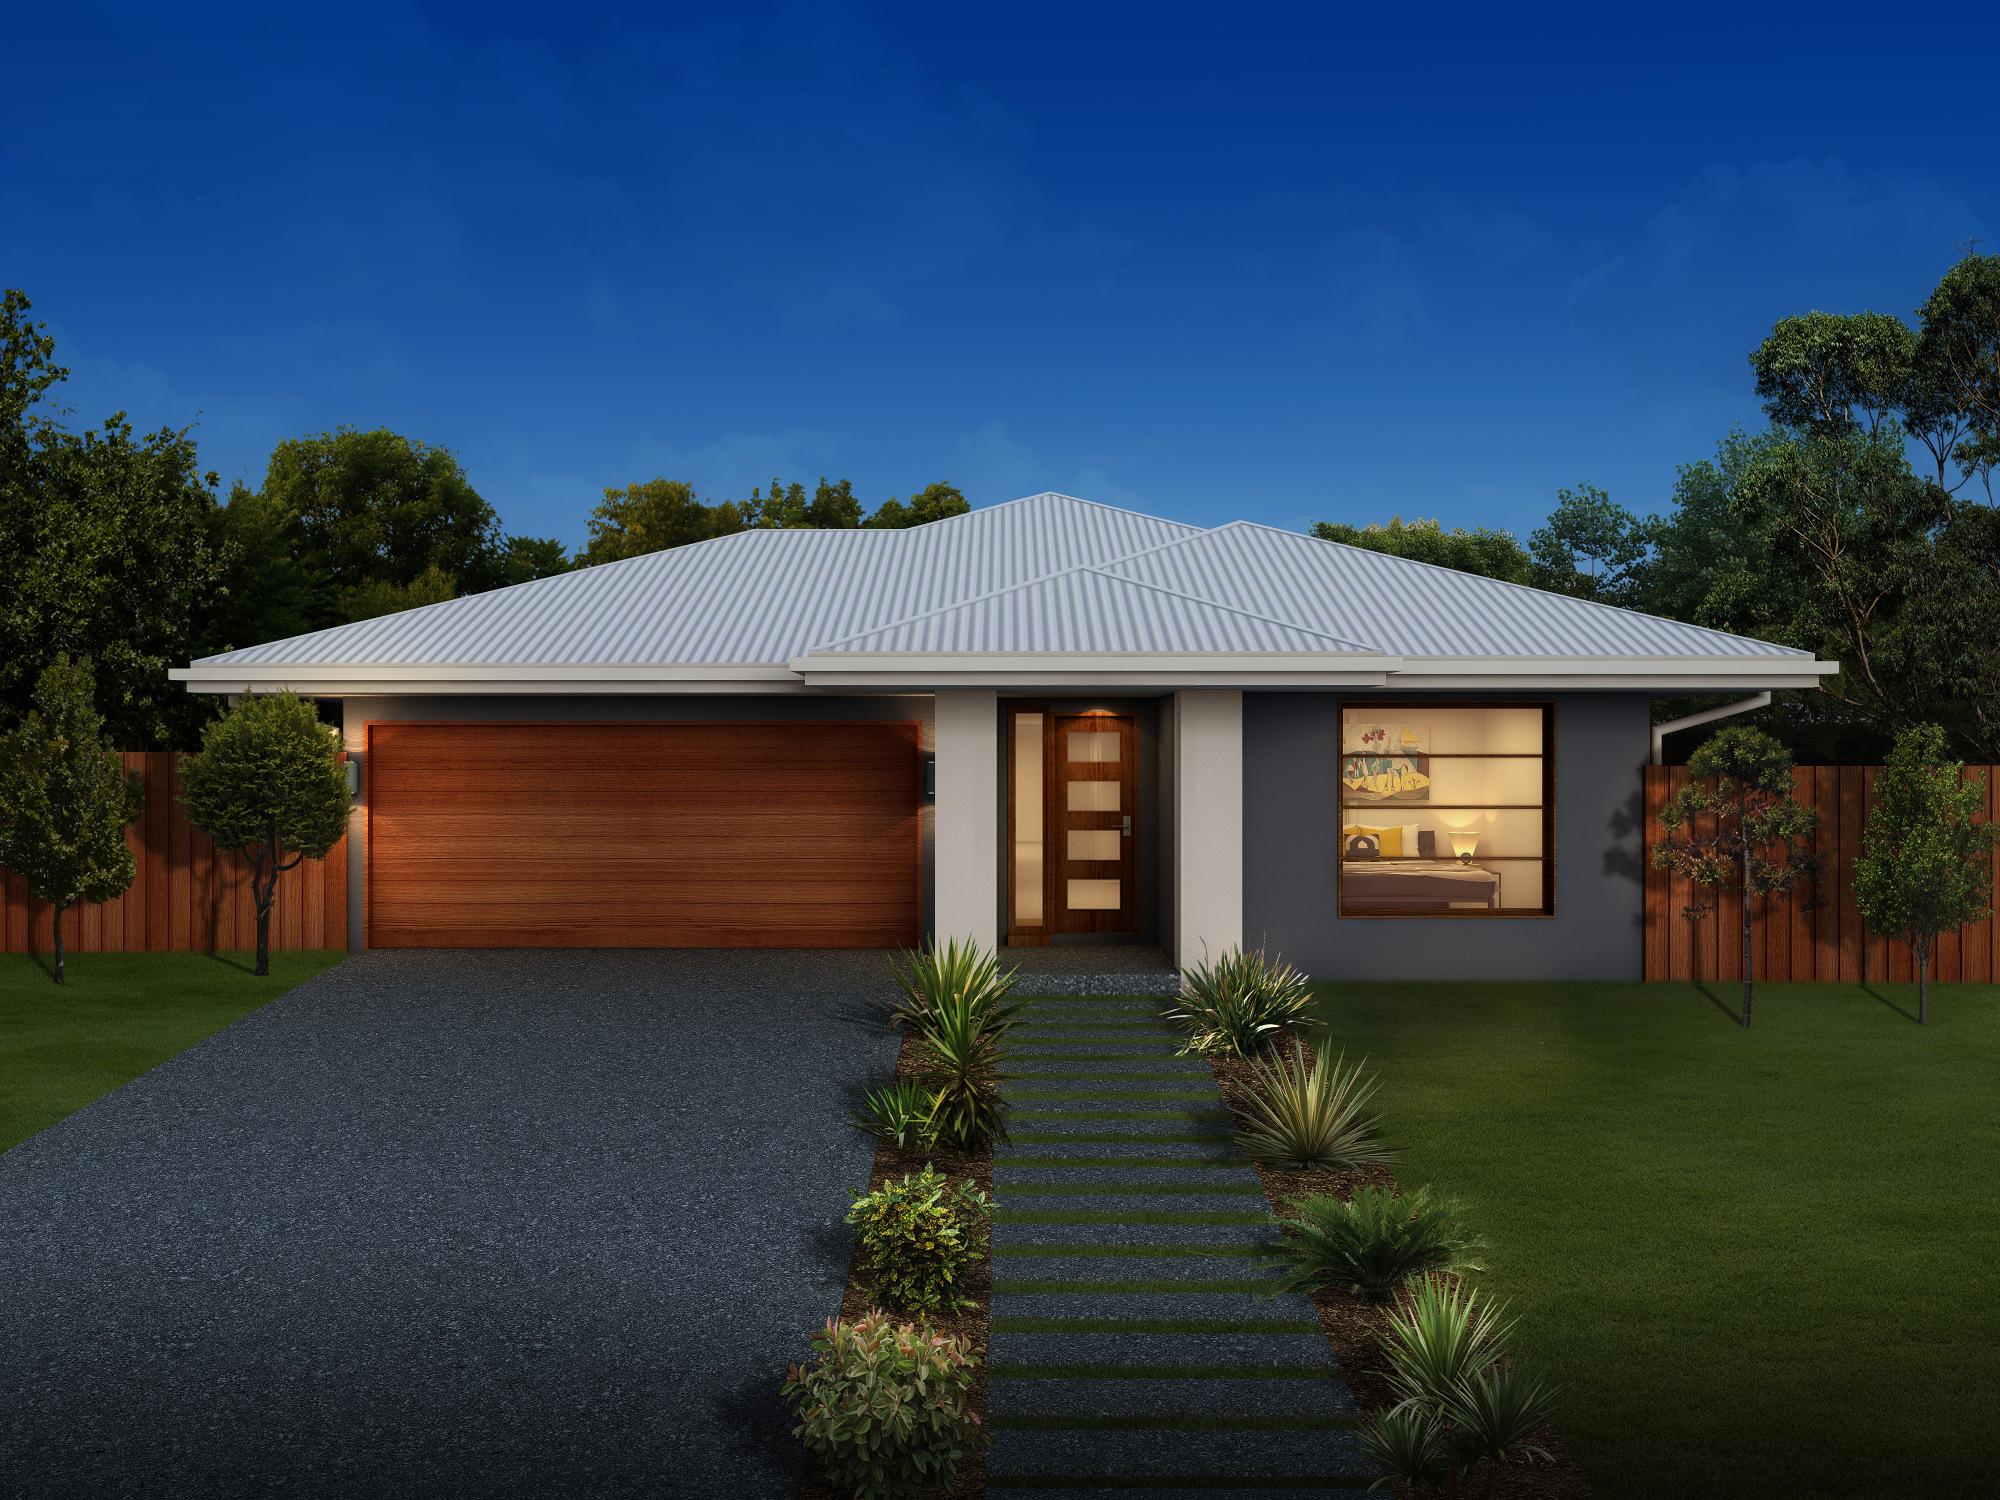 Home Designs - Kepler - T4006b